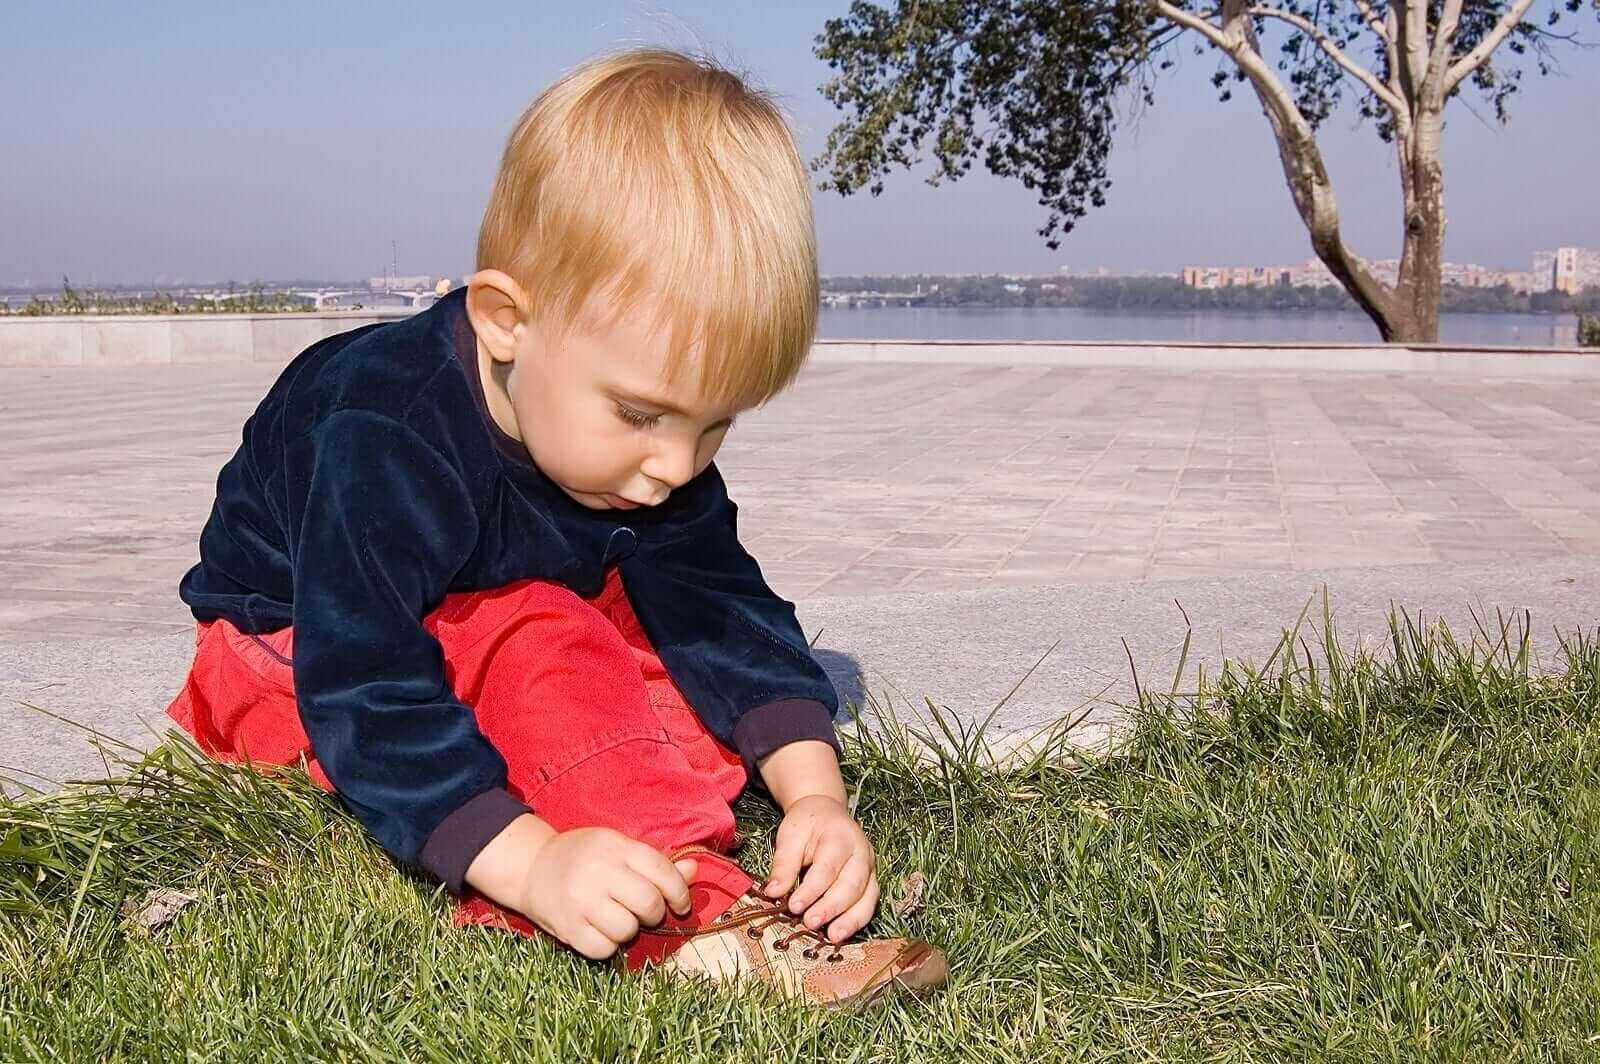 ayakkabısını bağlayan yalnız çocuk